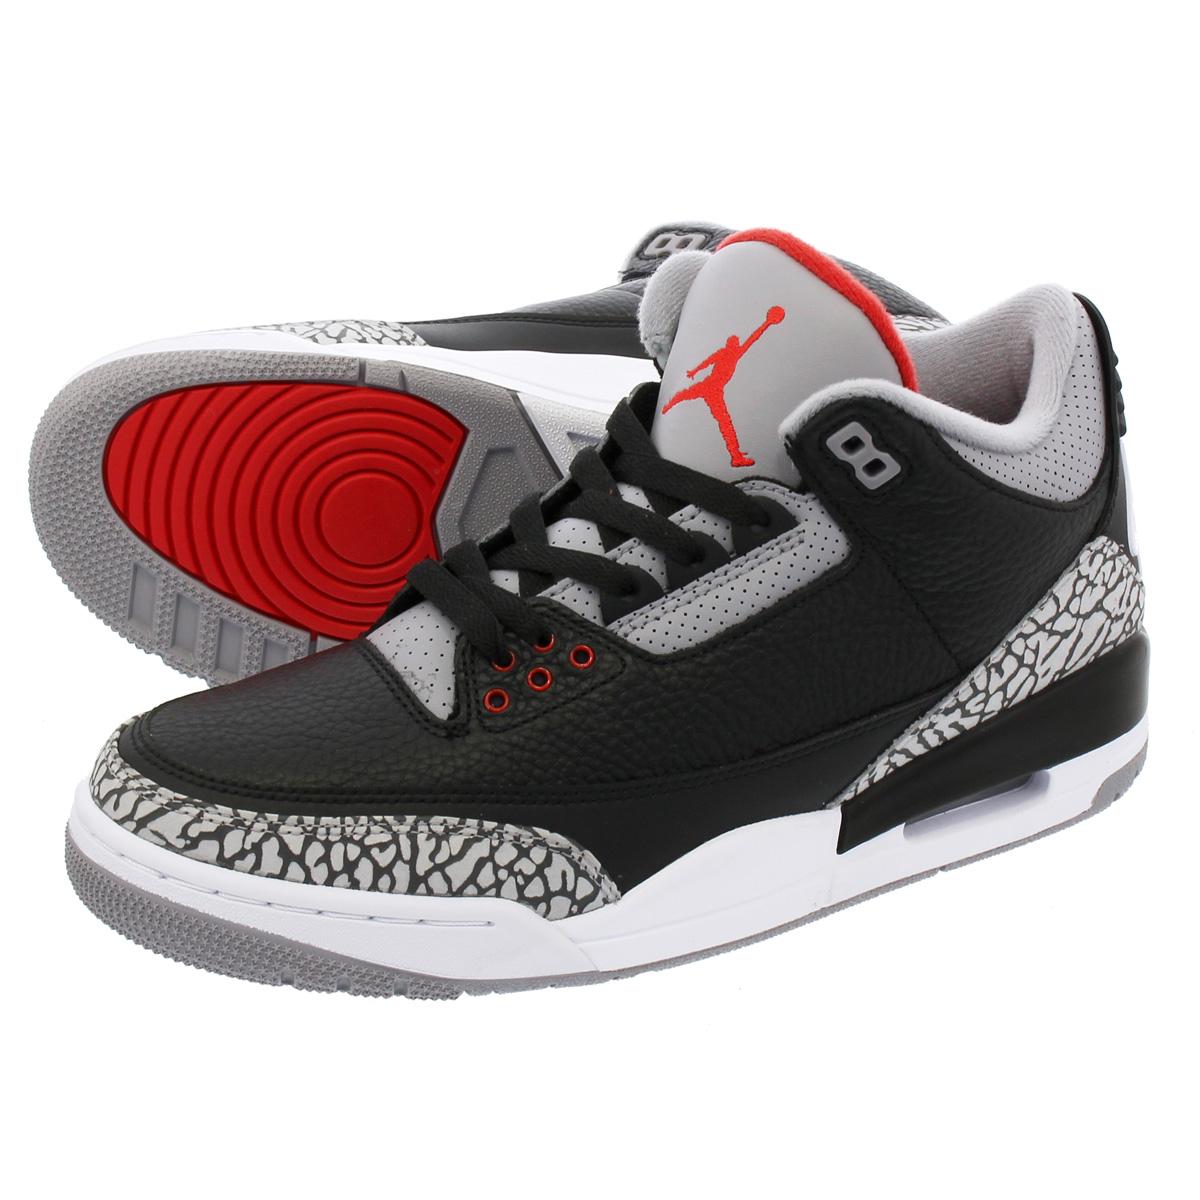 07f7e5ee25c LOWTEX PLUS: NIKE AIR JORDAN 3 RETRO OG Nike Air Jordan 3 nostalgic OG  BLACK/FIRE RED/CEMENT GREY/WHITE | Rakuten Global Market